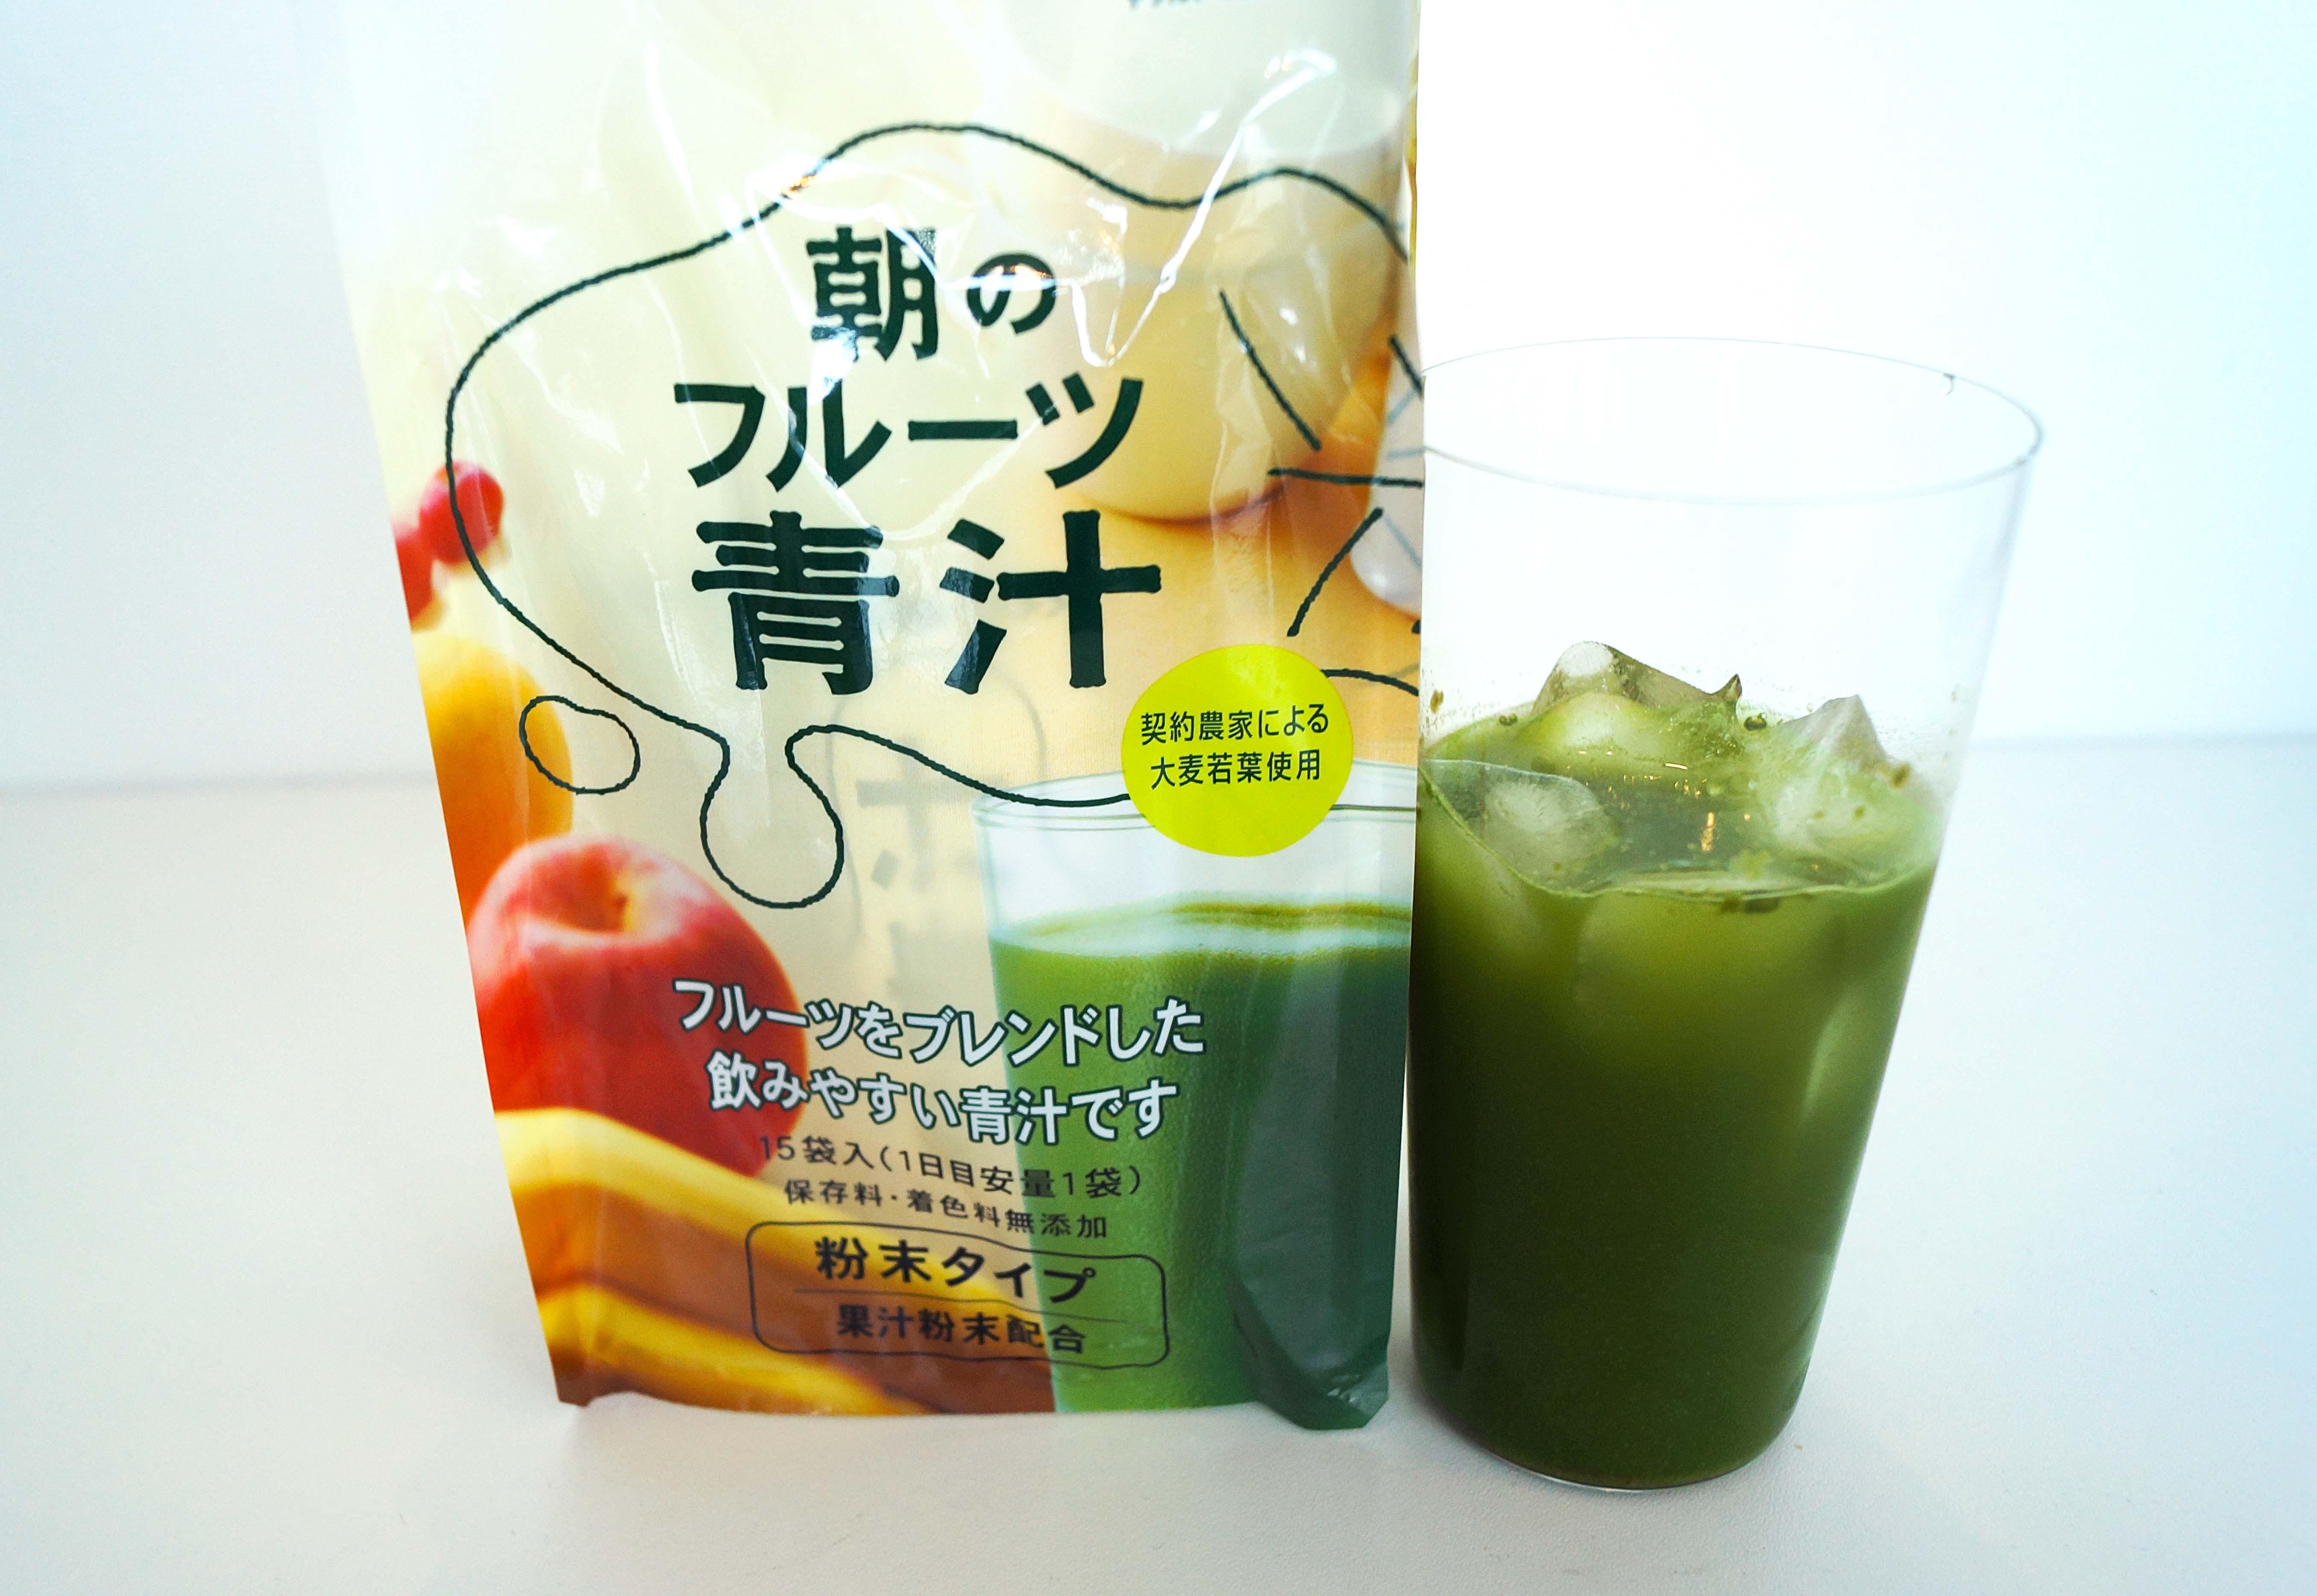 朝のフルーツ青汁2